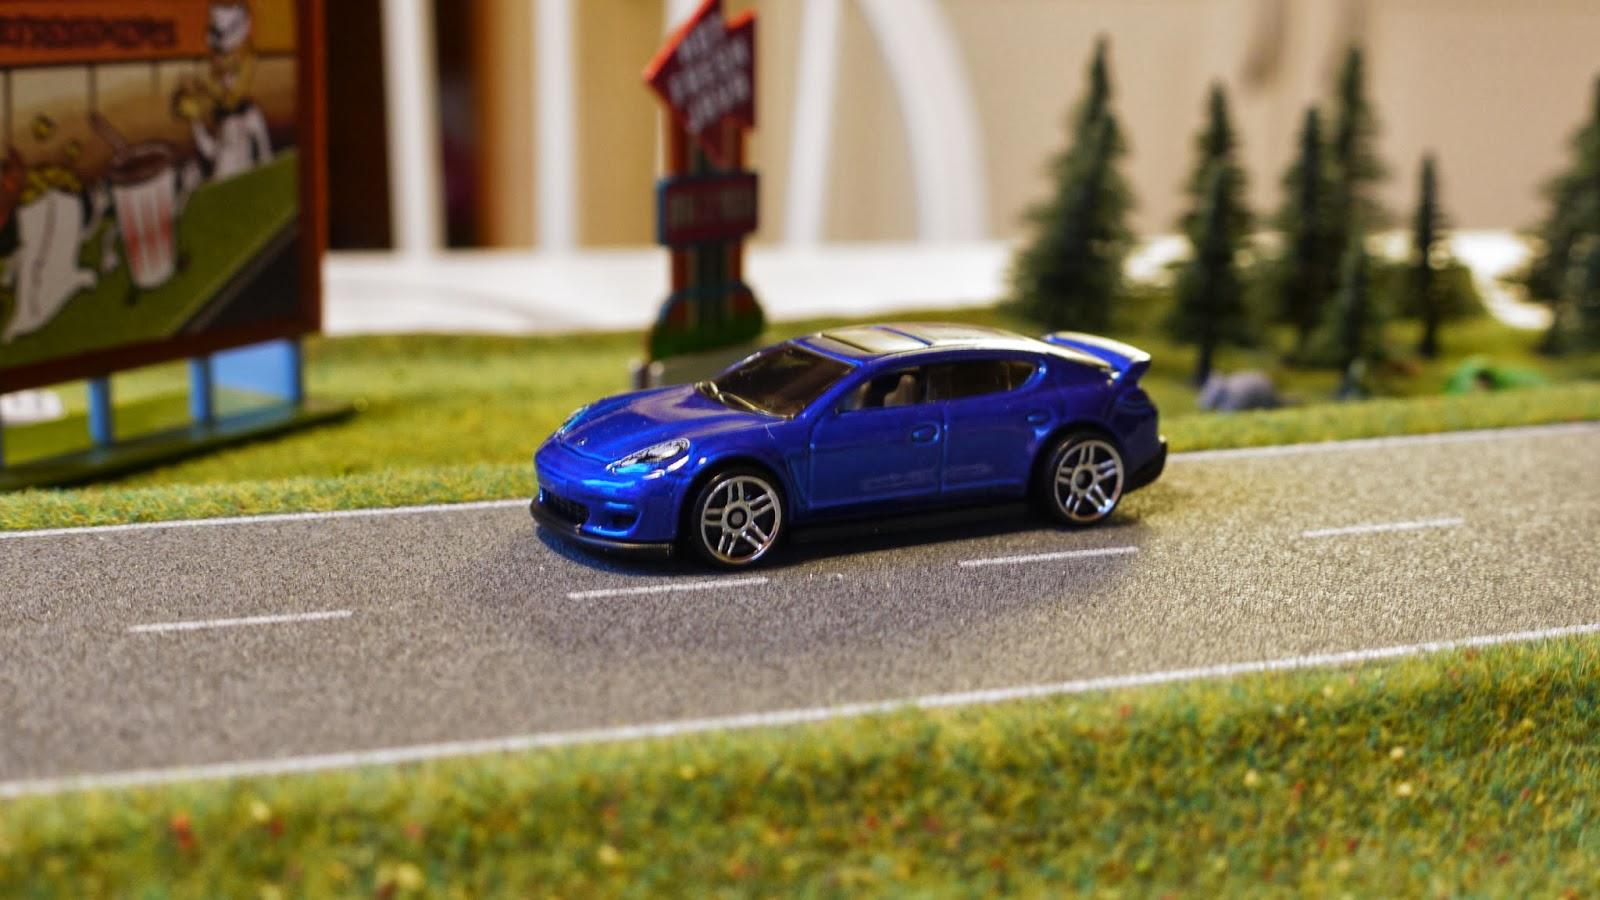 Diecast cars 1/64, Modellautos 1:64, Modellbilar 1:64